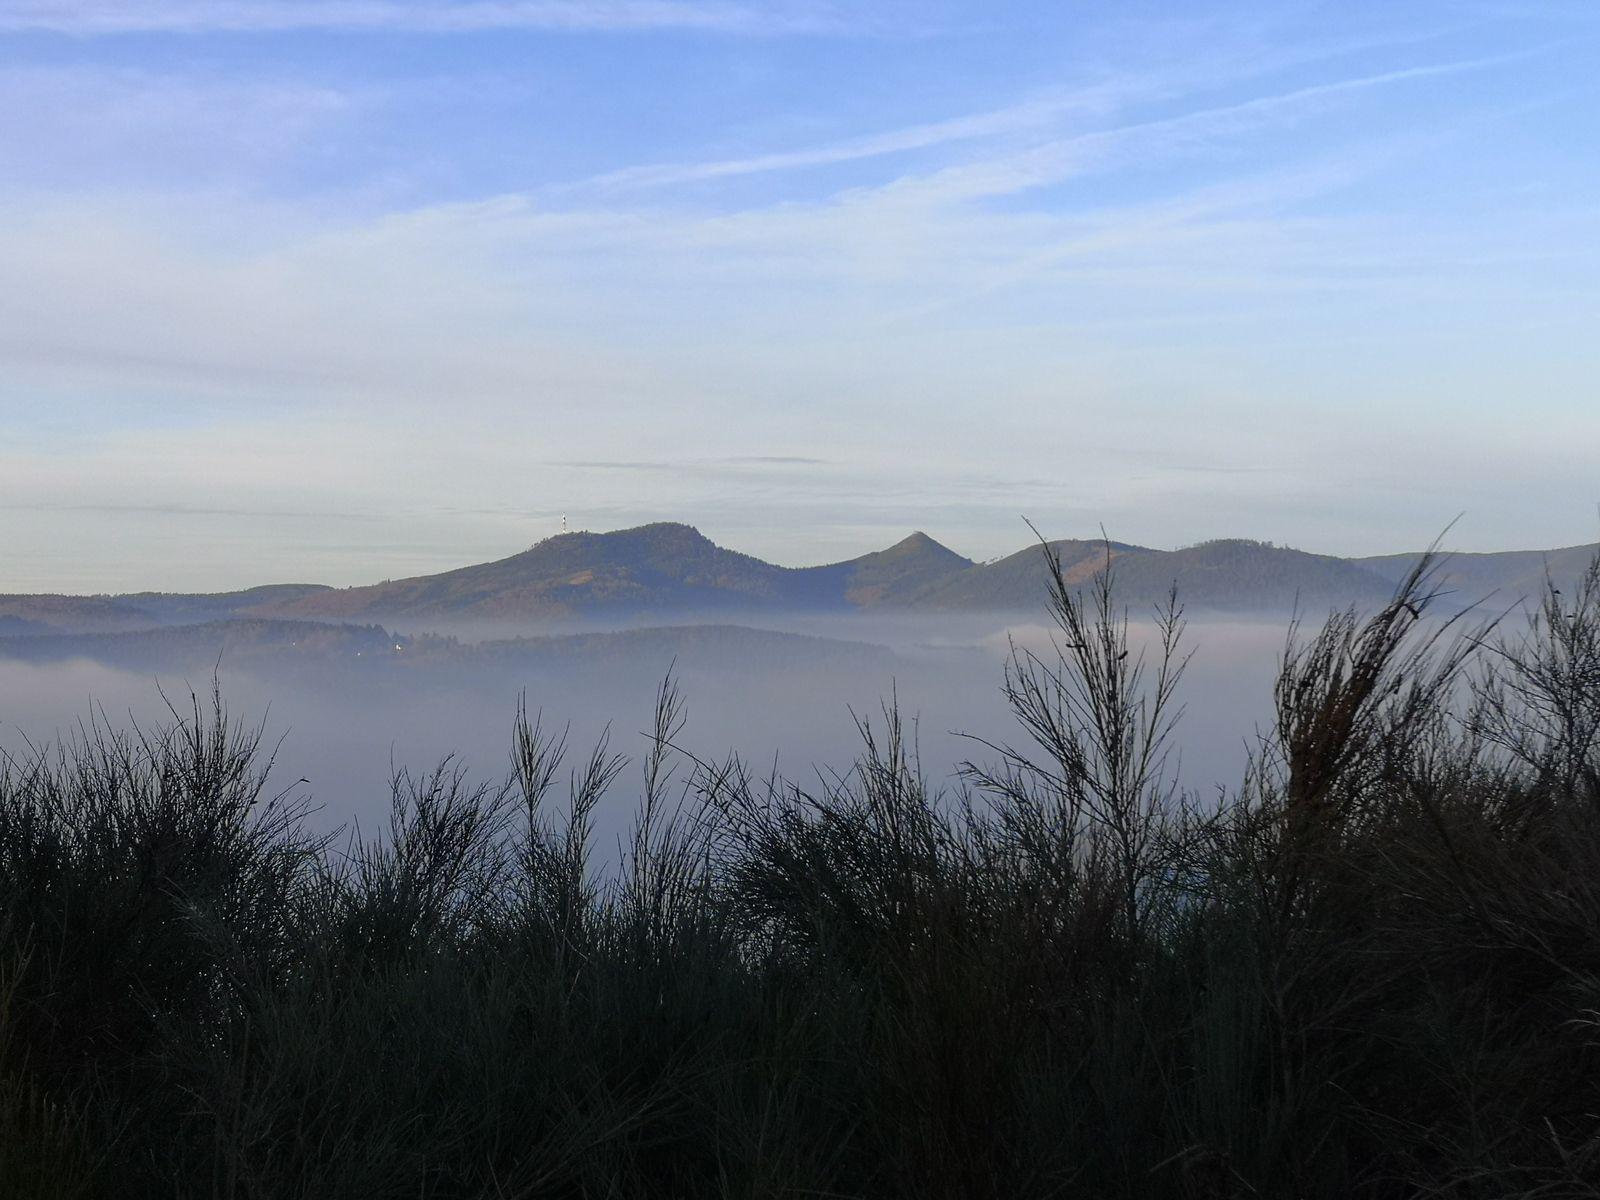 Telles des îles, les sommets du massif du Donon, nous apparaissent sur une mer de brume.